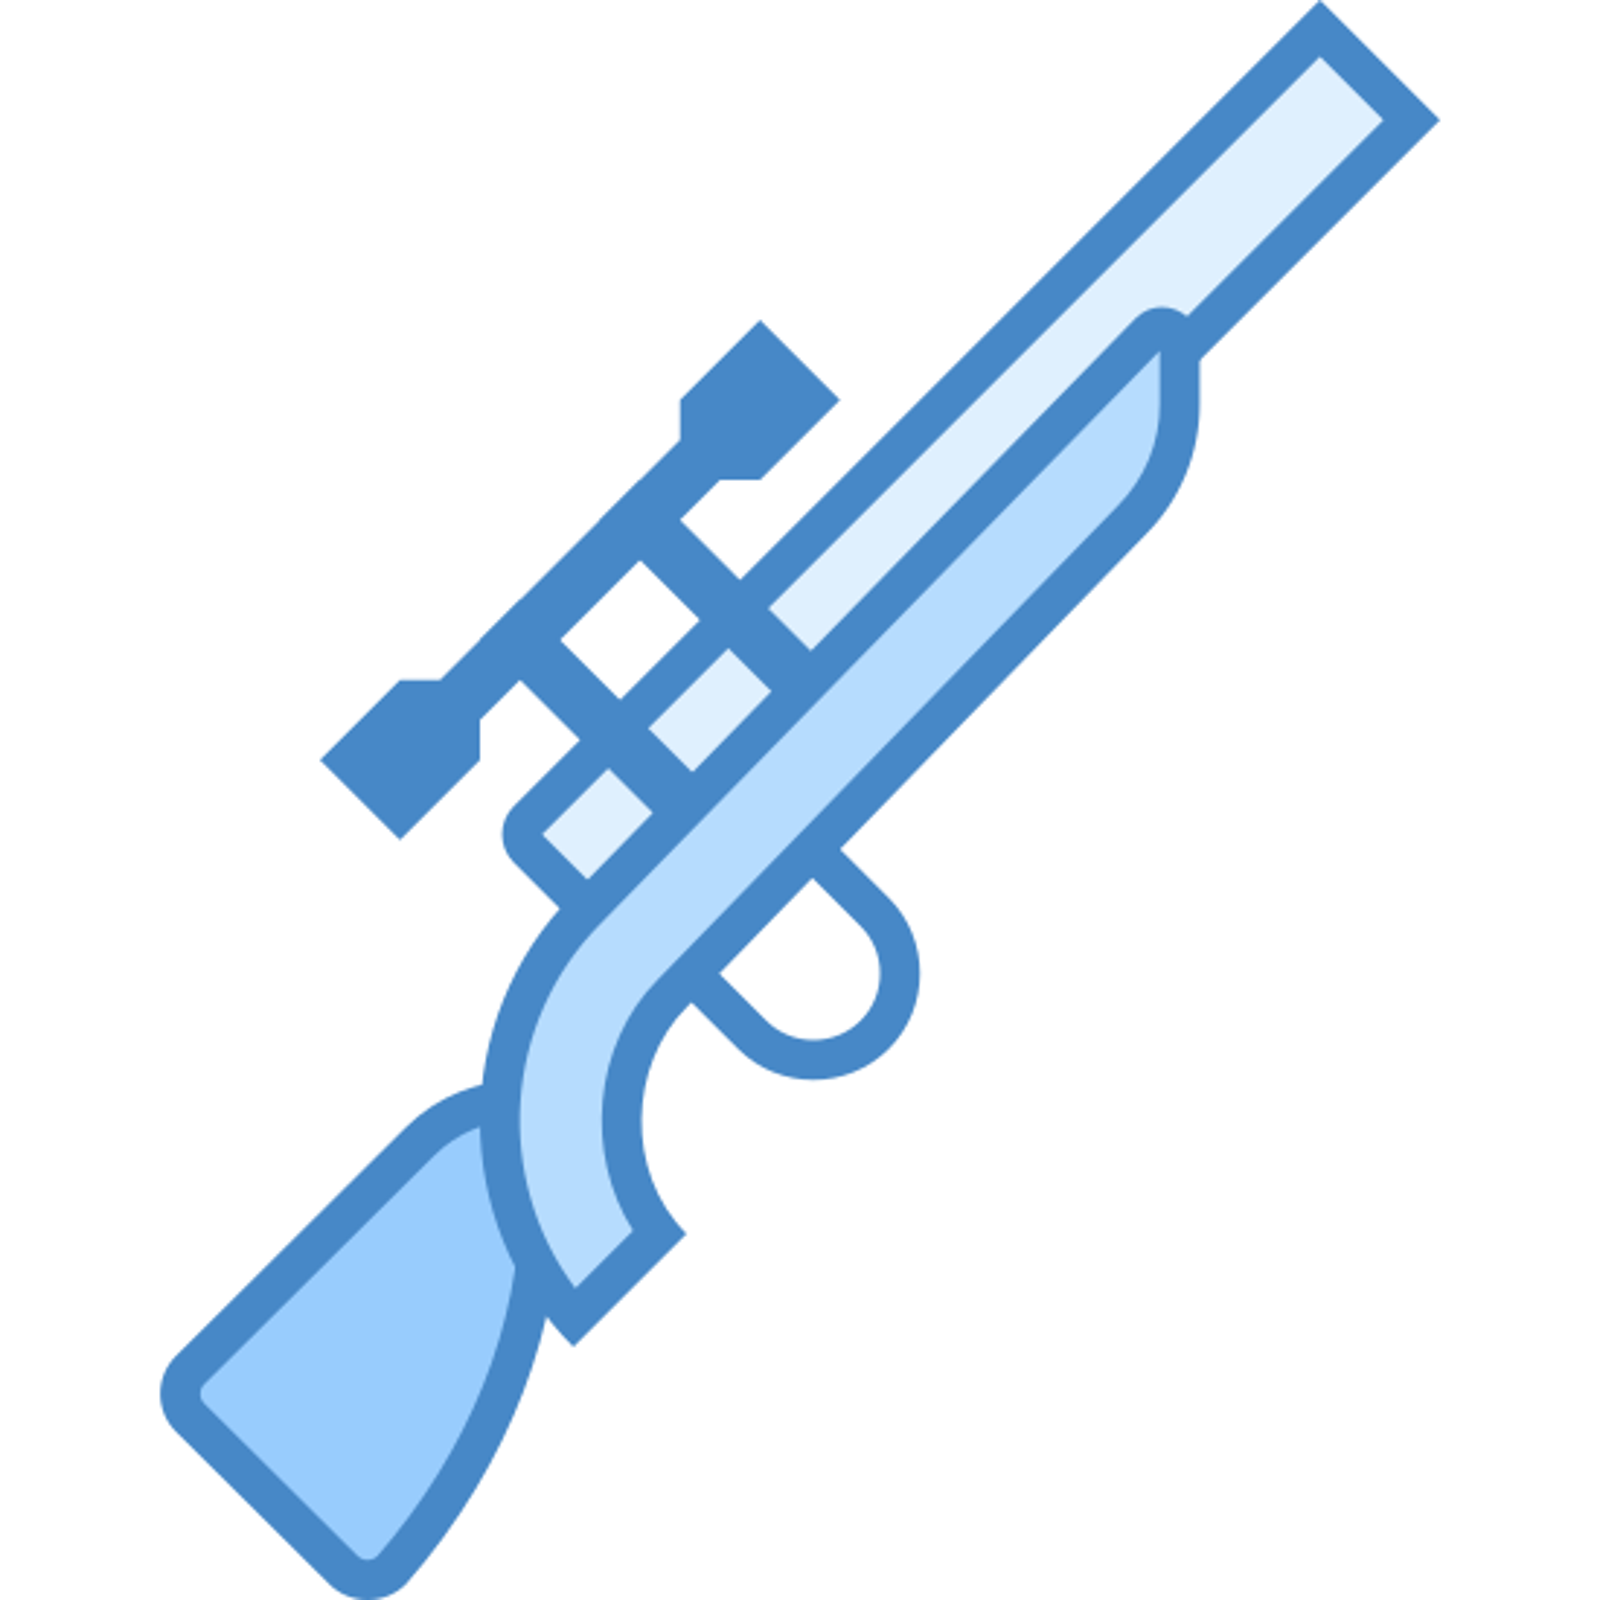 Sniper Rifle icon